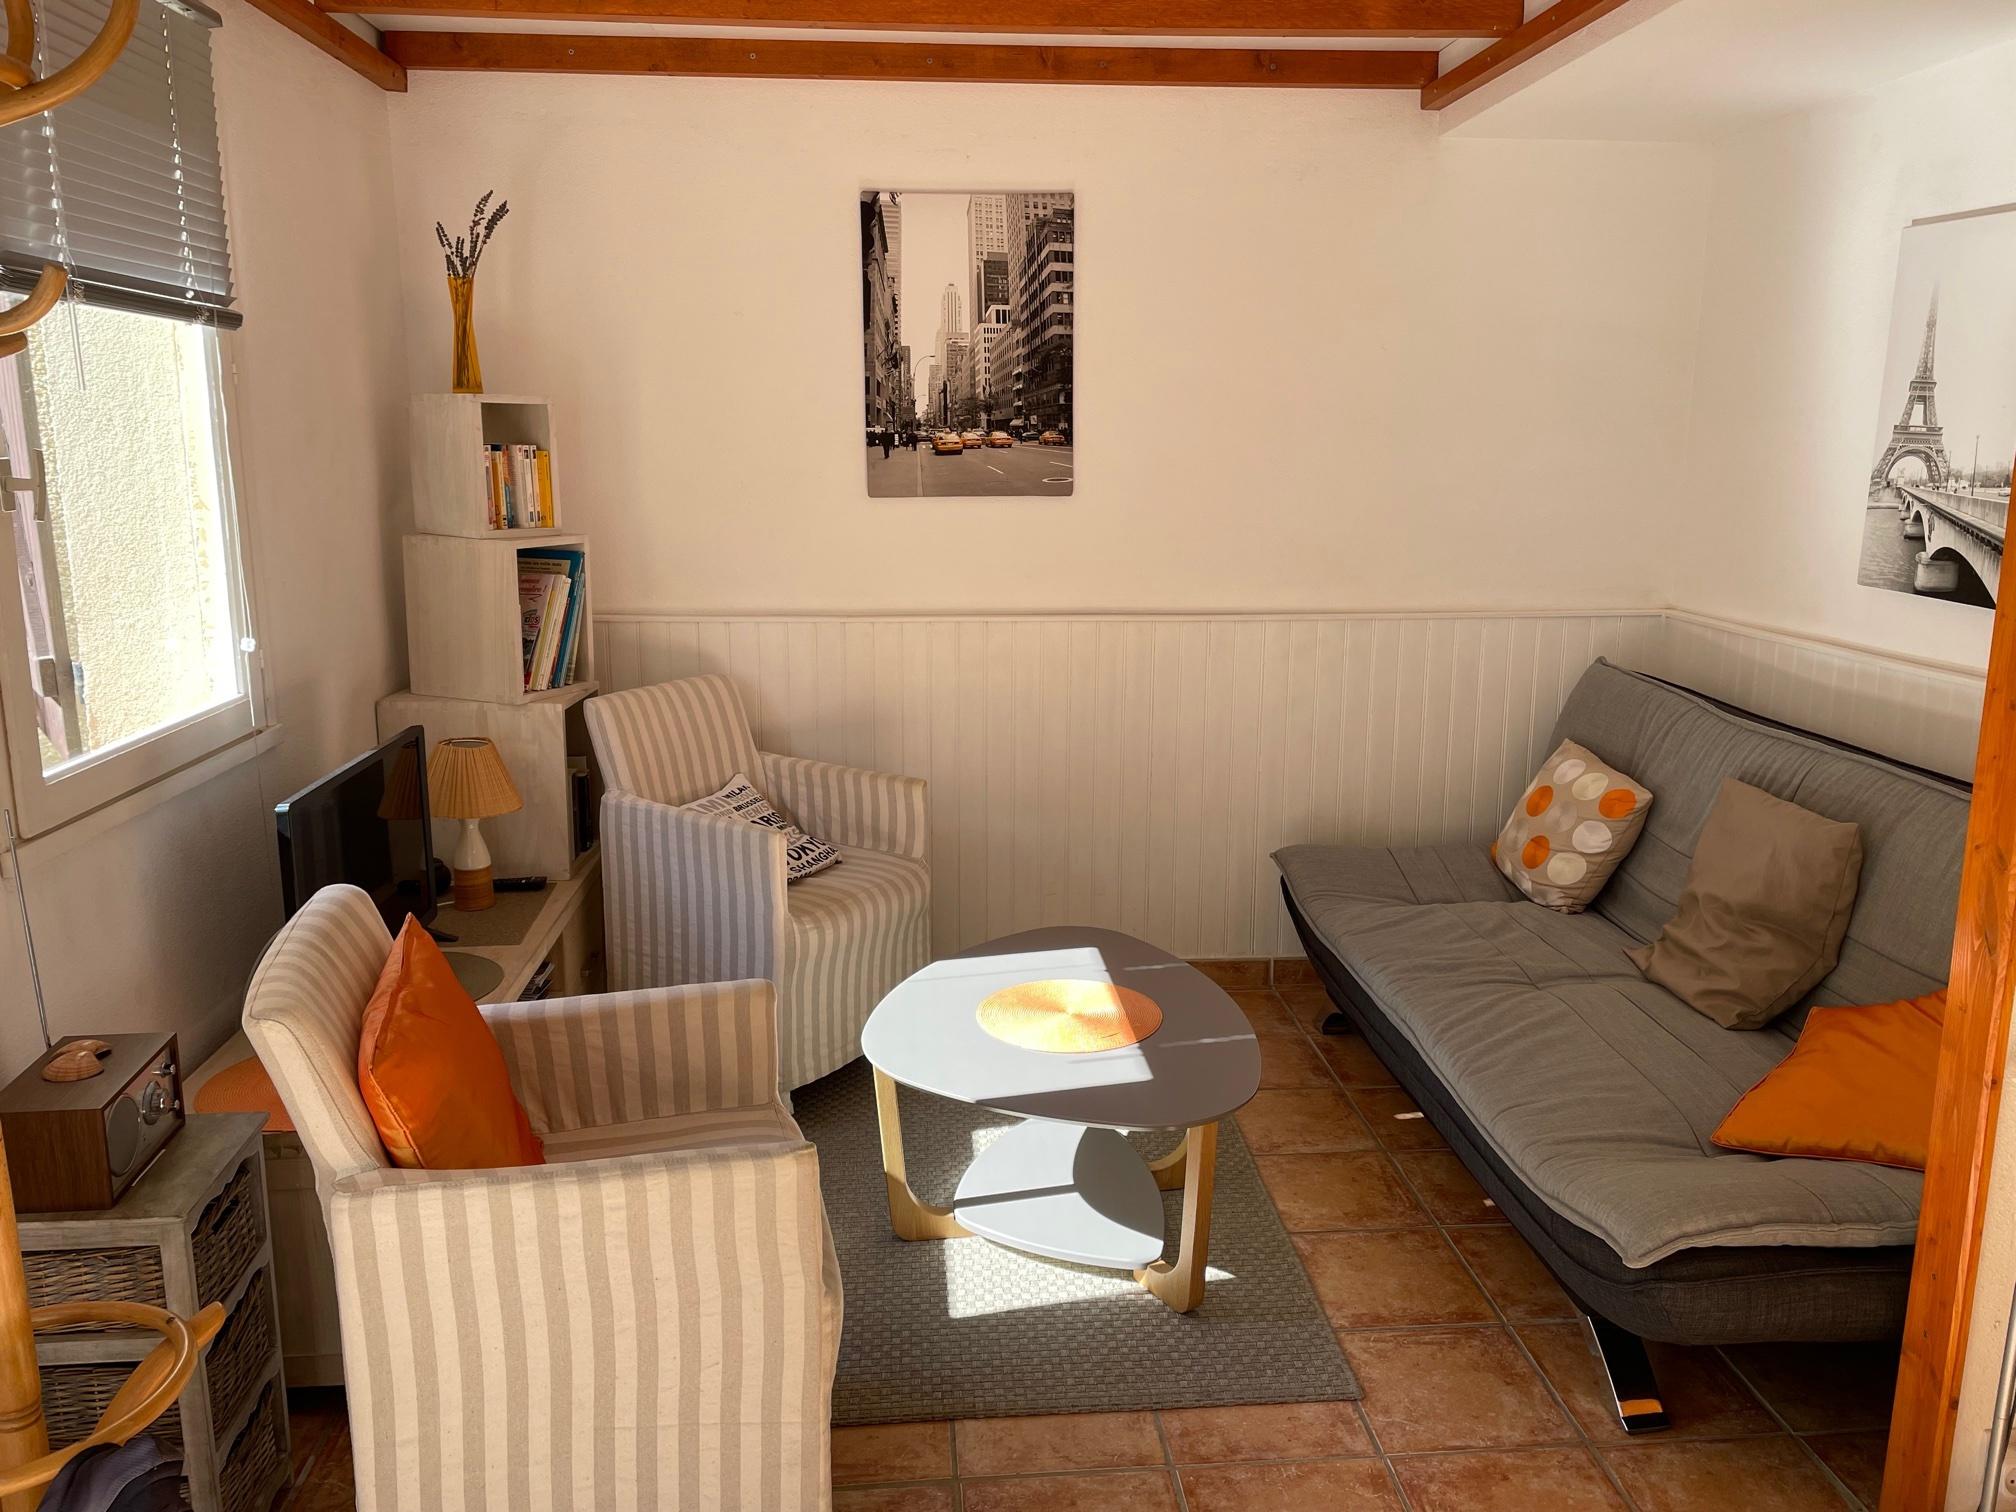 À vendre maison/villa de 44m2 à argeles plage (66700) - Photo 9'